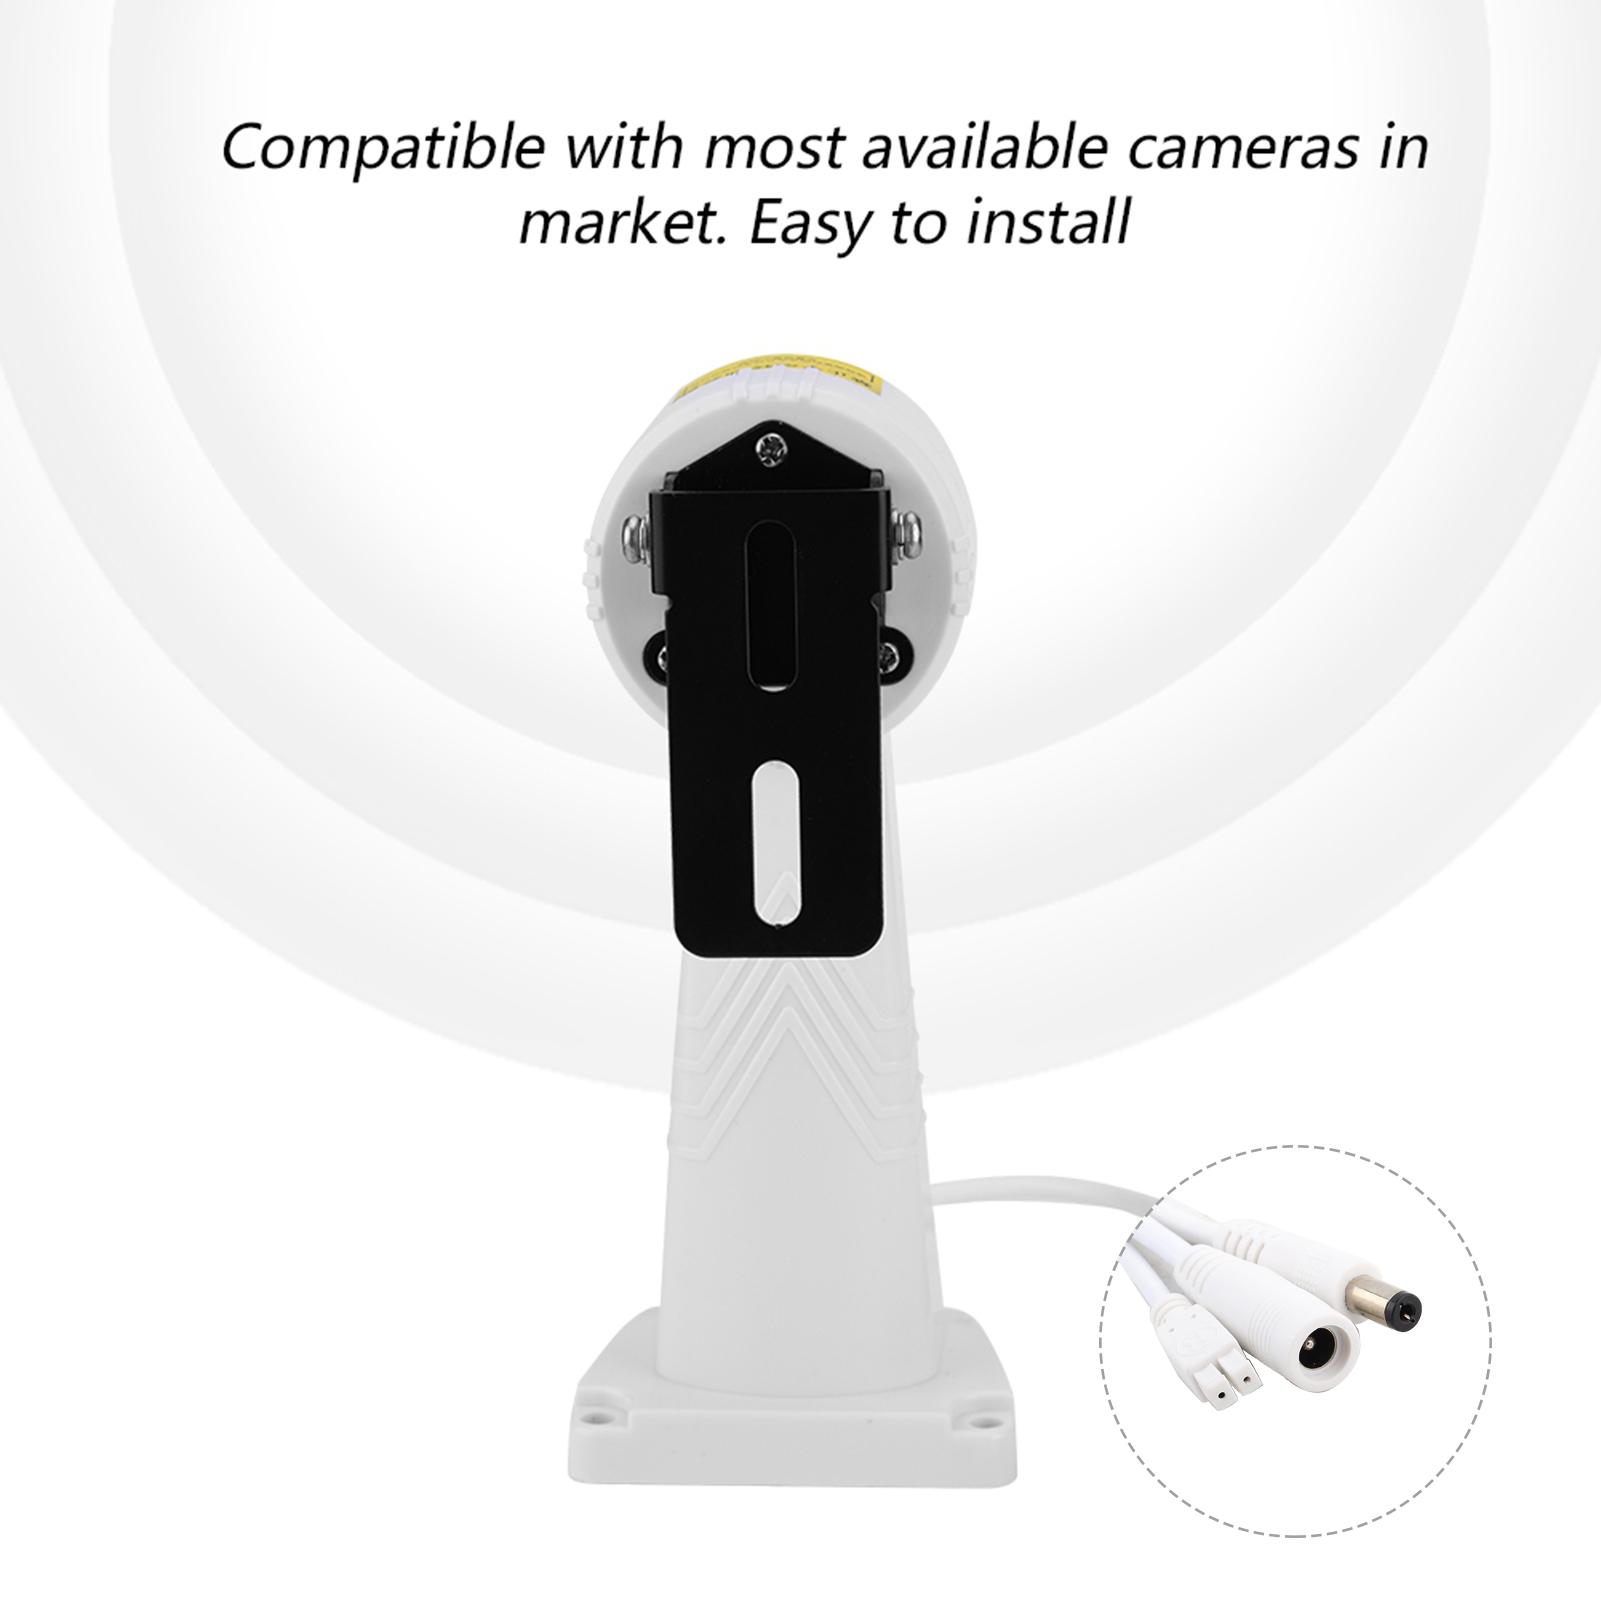 Supporto-da-parete-di-sicurezza-per-staffa-rotante-motorizzata-con-telecamera miniatura 20